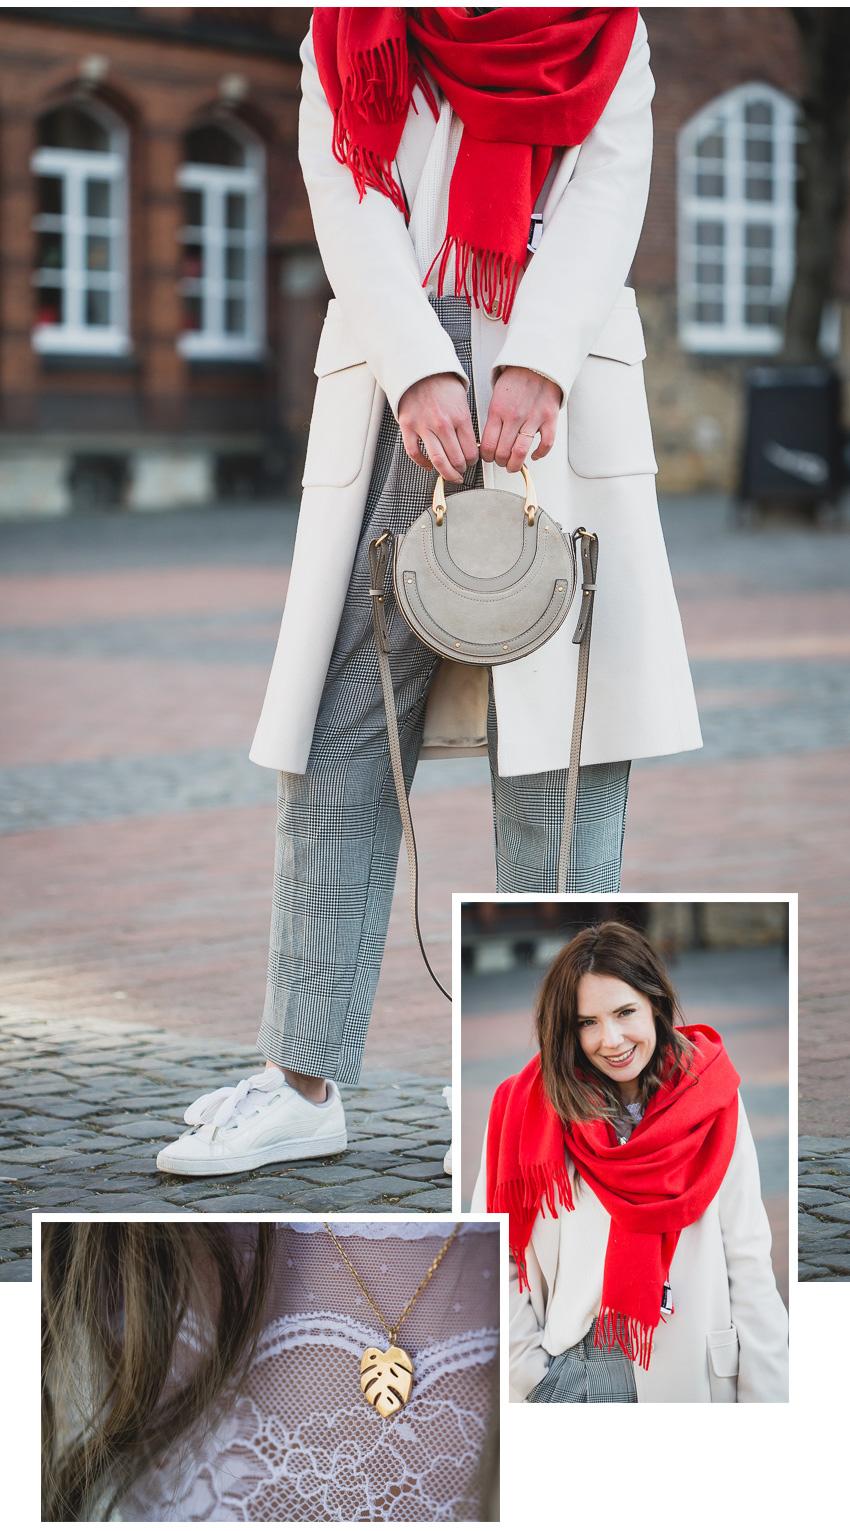 Hellen Mantel Kombinieren Vier Styling Ideen Für Beigen Mantel